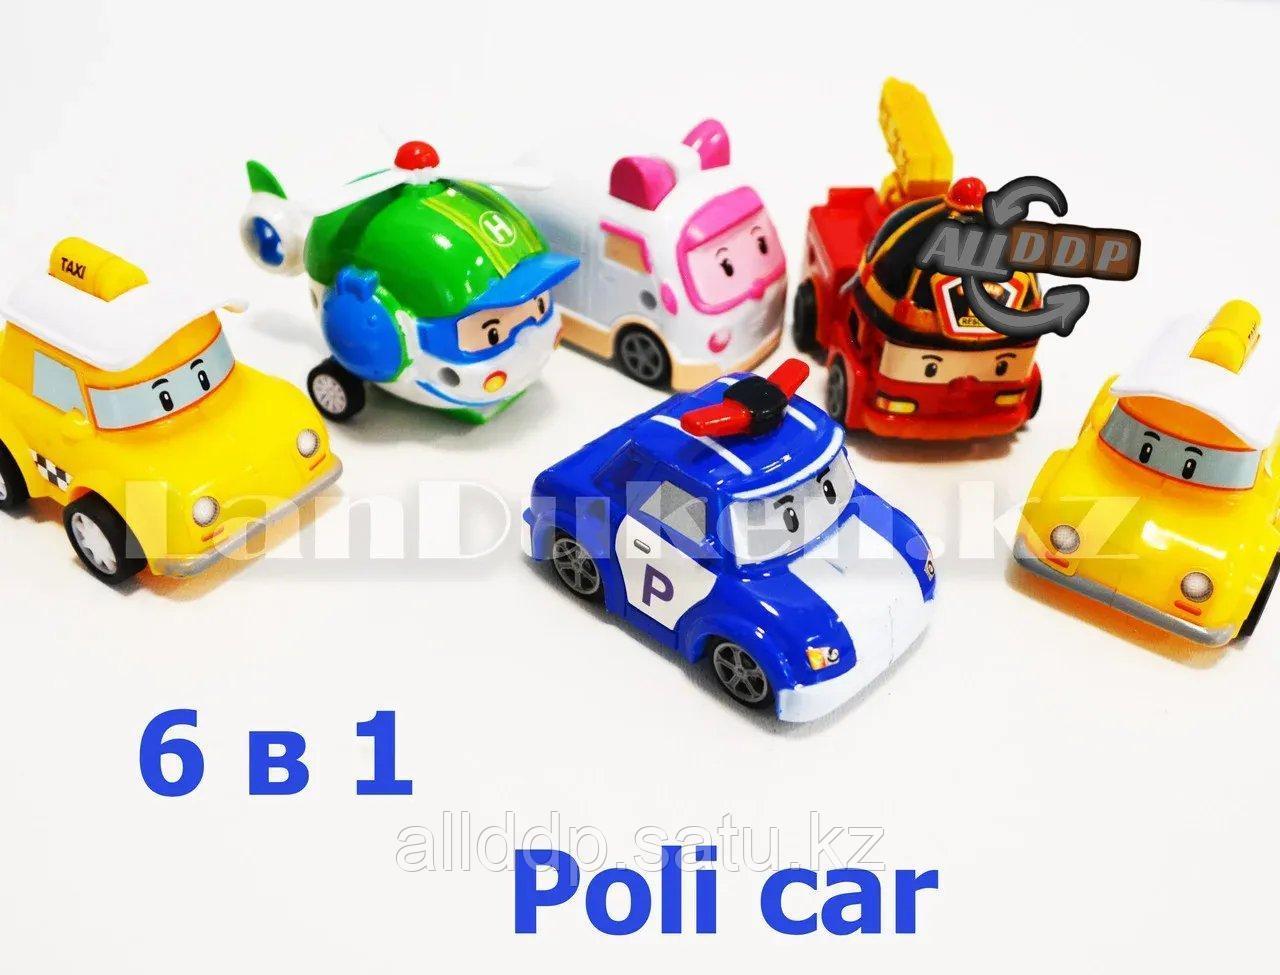 Игровой набор машинок Робокар Поли (6 машинок: 2 такси, 1 полицейский, 1 вертолет, 1 скорая и 1 пожарная) P4